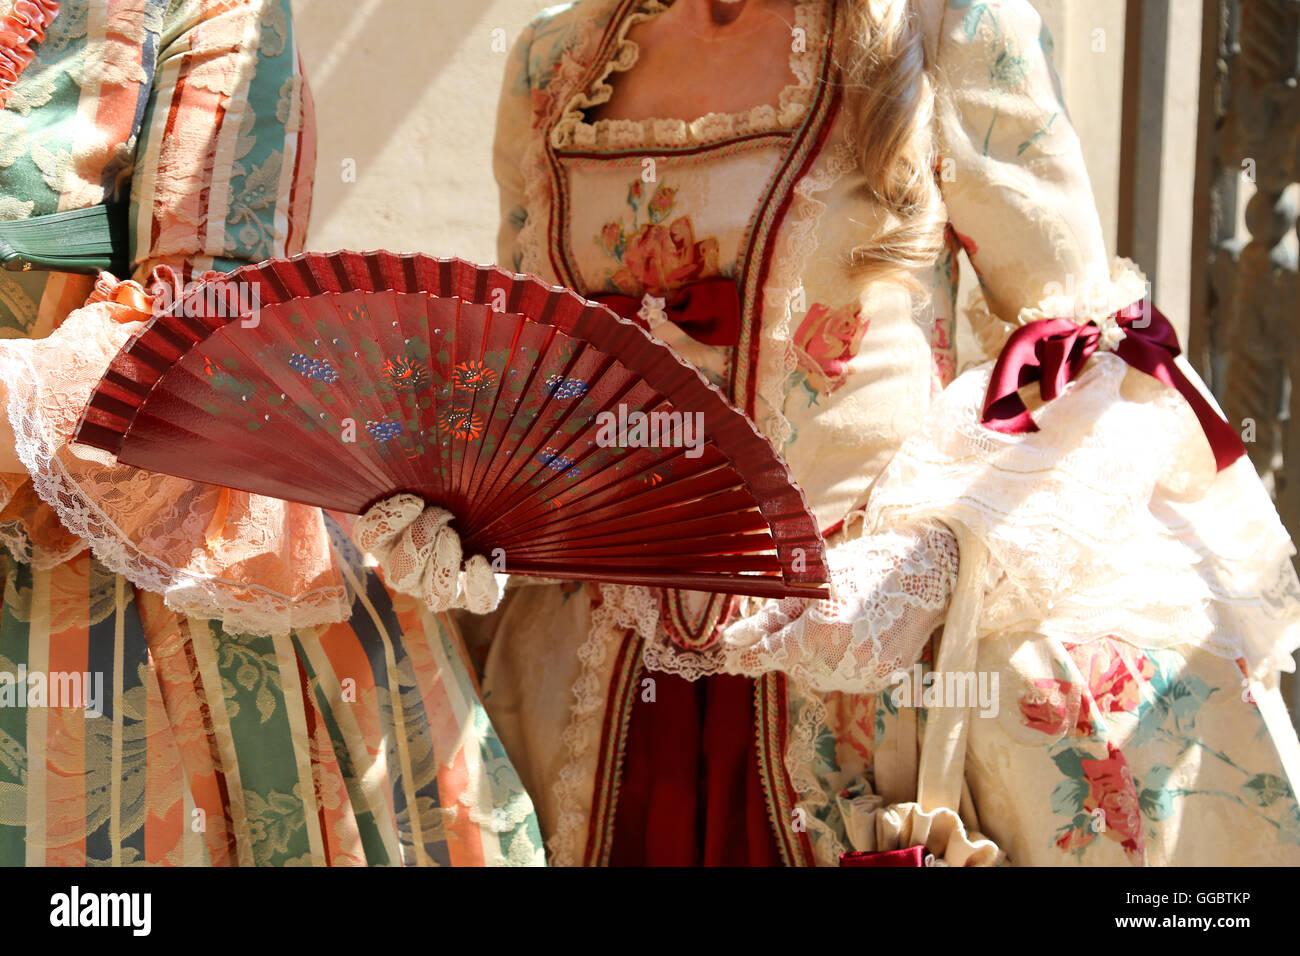 Donna con un antico cerimoniale abito e la ventola in mano con guanto  bianco Immagini Stock 571a5940b900